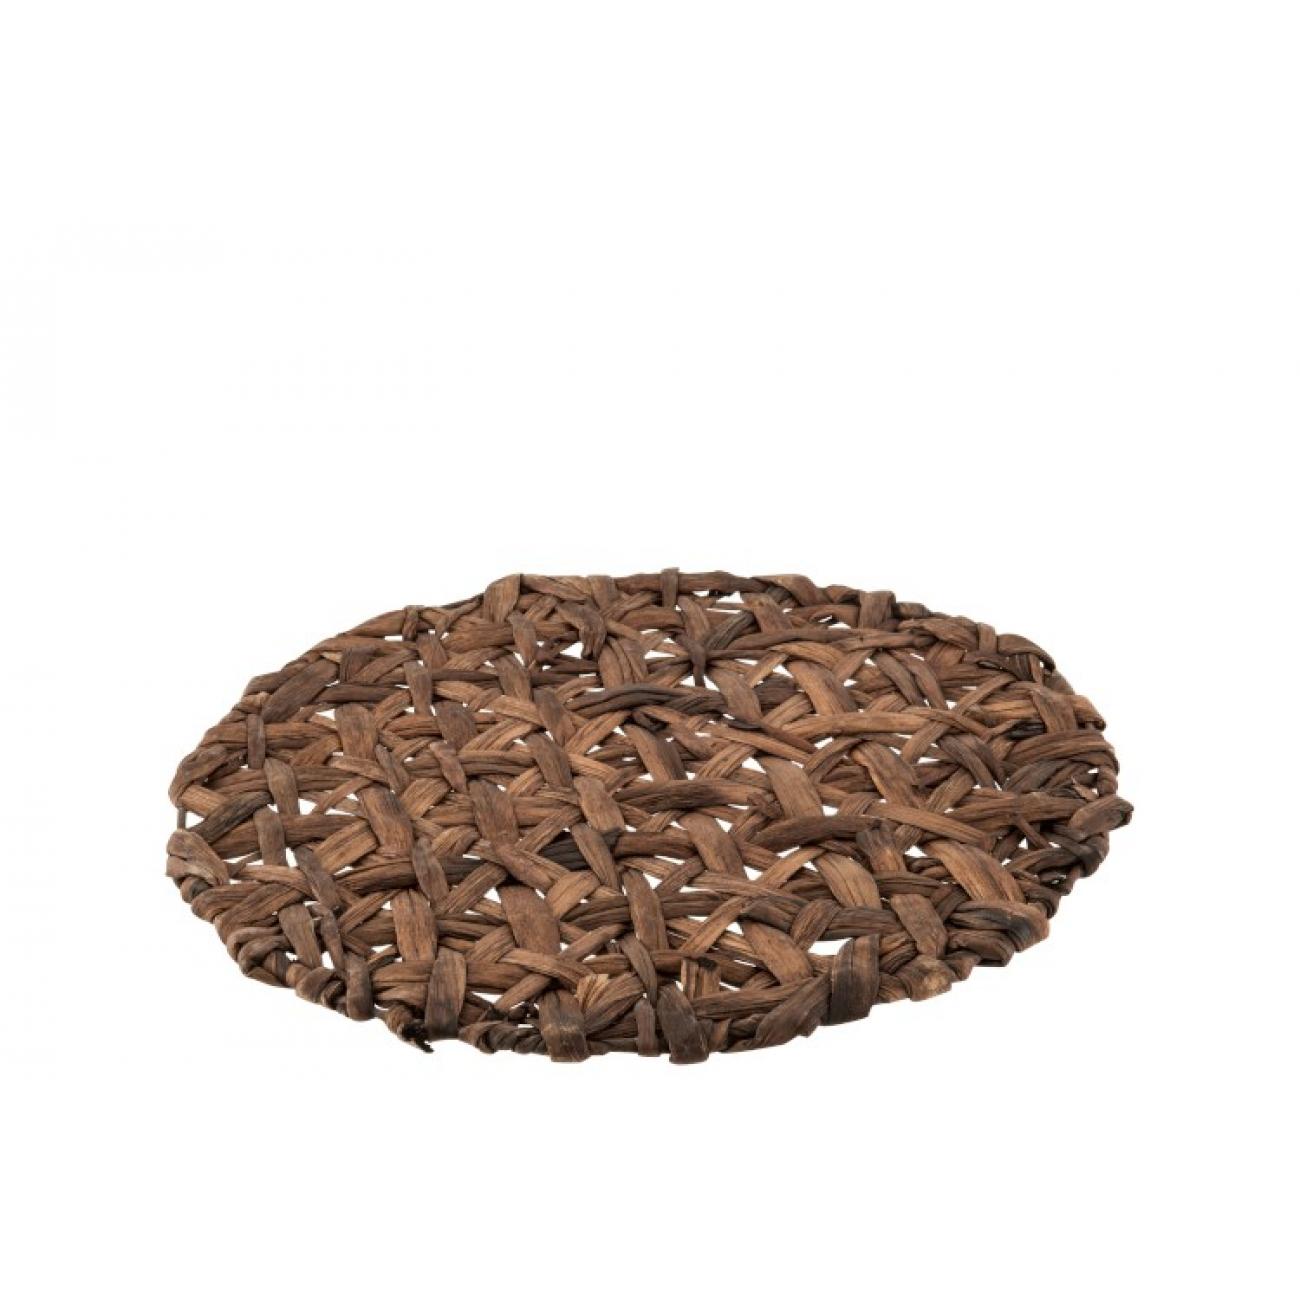 Сервировочный круглый коврик J-LINE из ротанга коричневого цвета 38 см